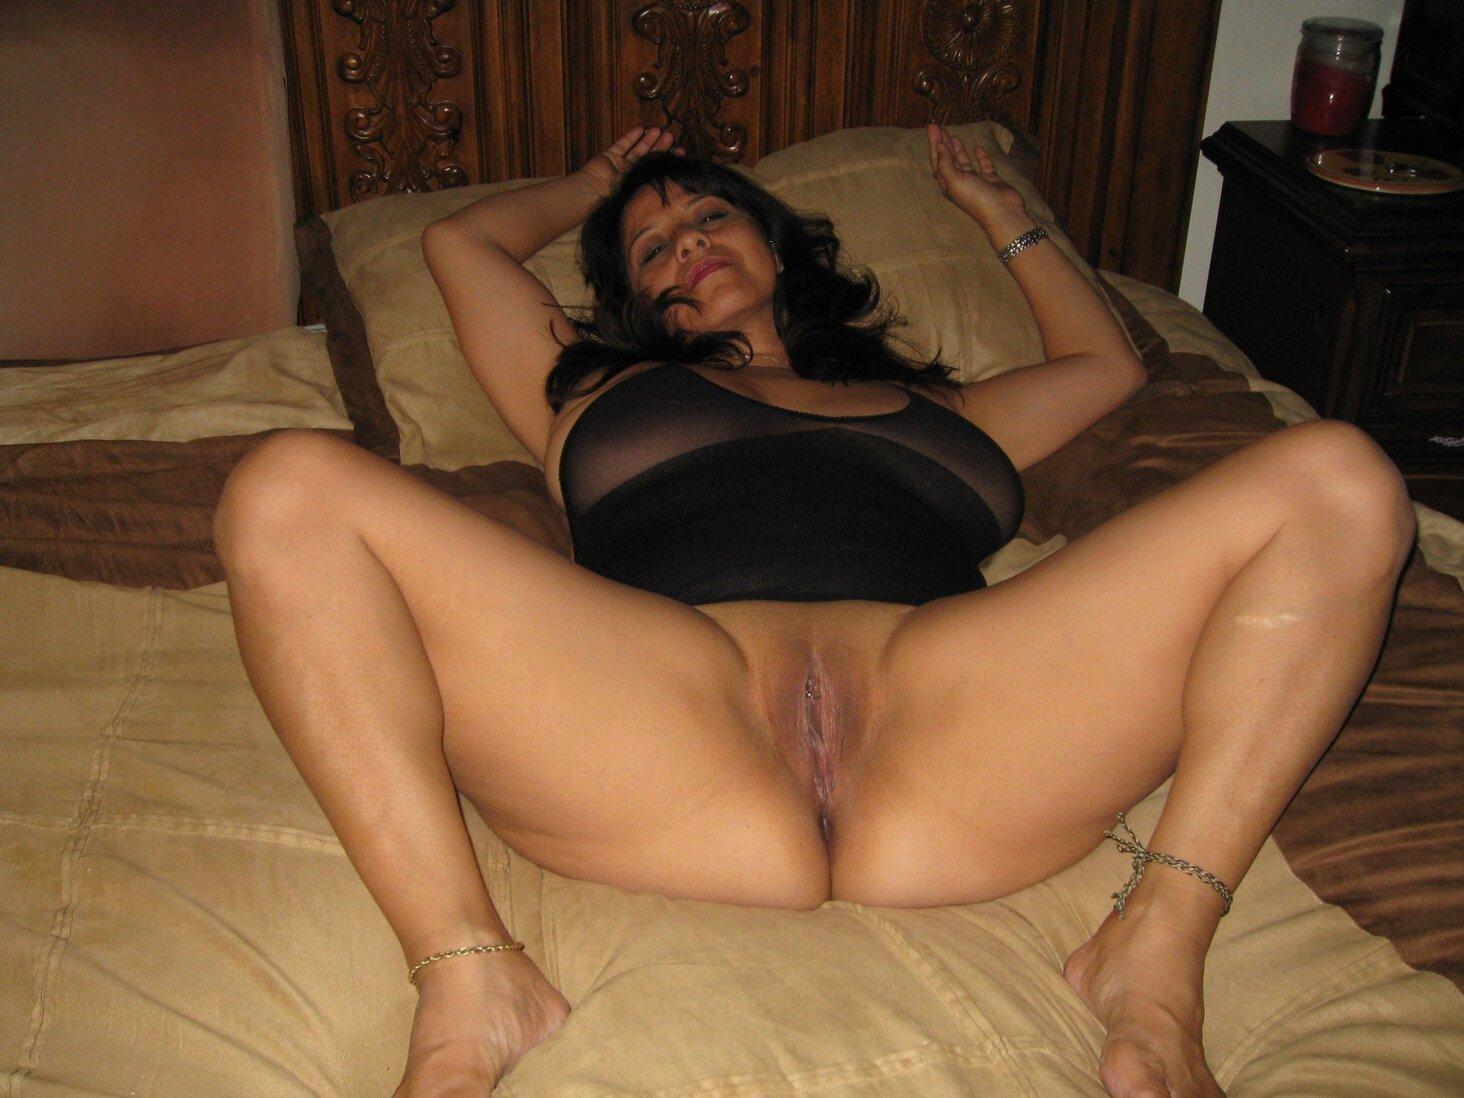 Тетки за 40 лежит на кровати раздвинув ноги и показывает пизду.